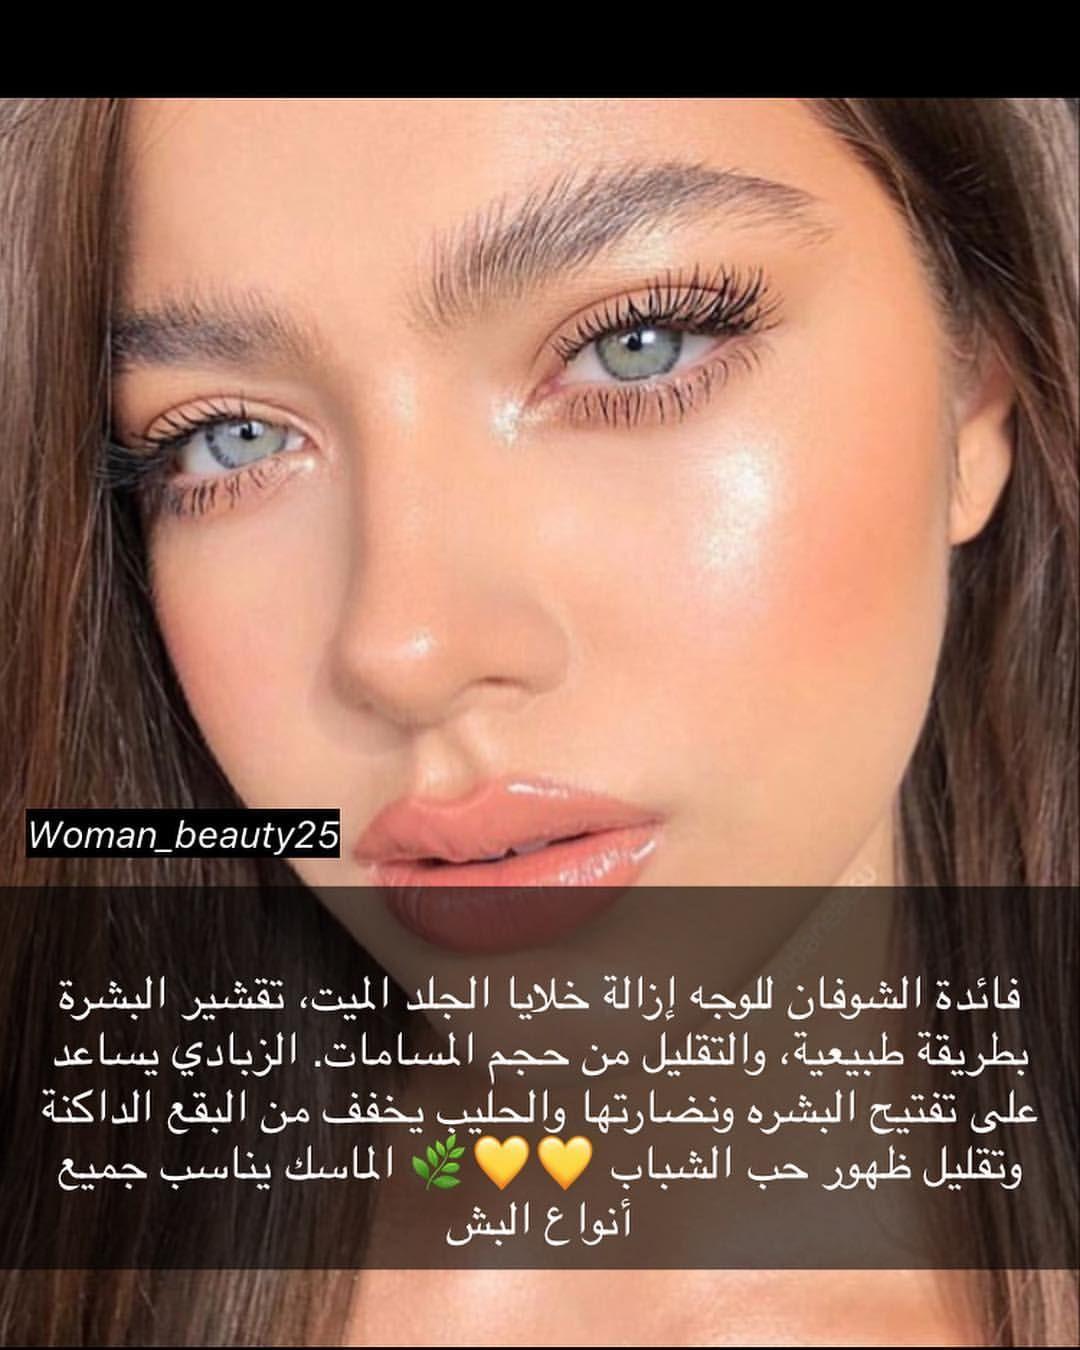 ماسك العسل والليمون لتفتيح البشرة وتنظيفها Pretty Skin Care Beauty Skin Care Routine Beauty Care Routine